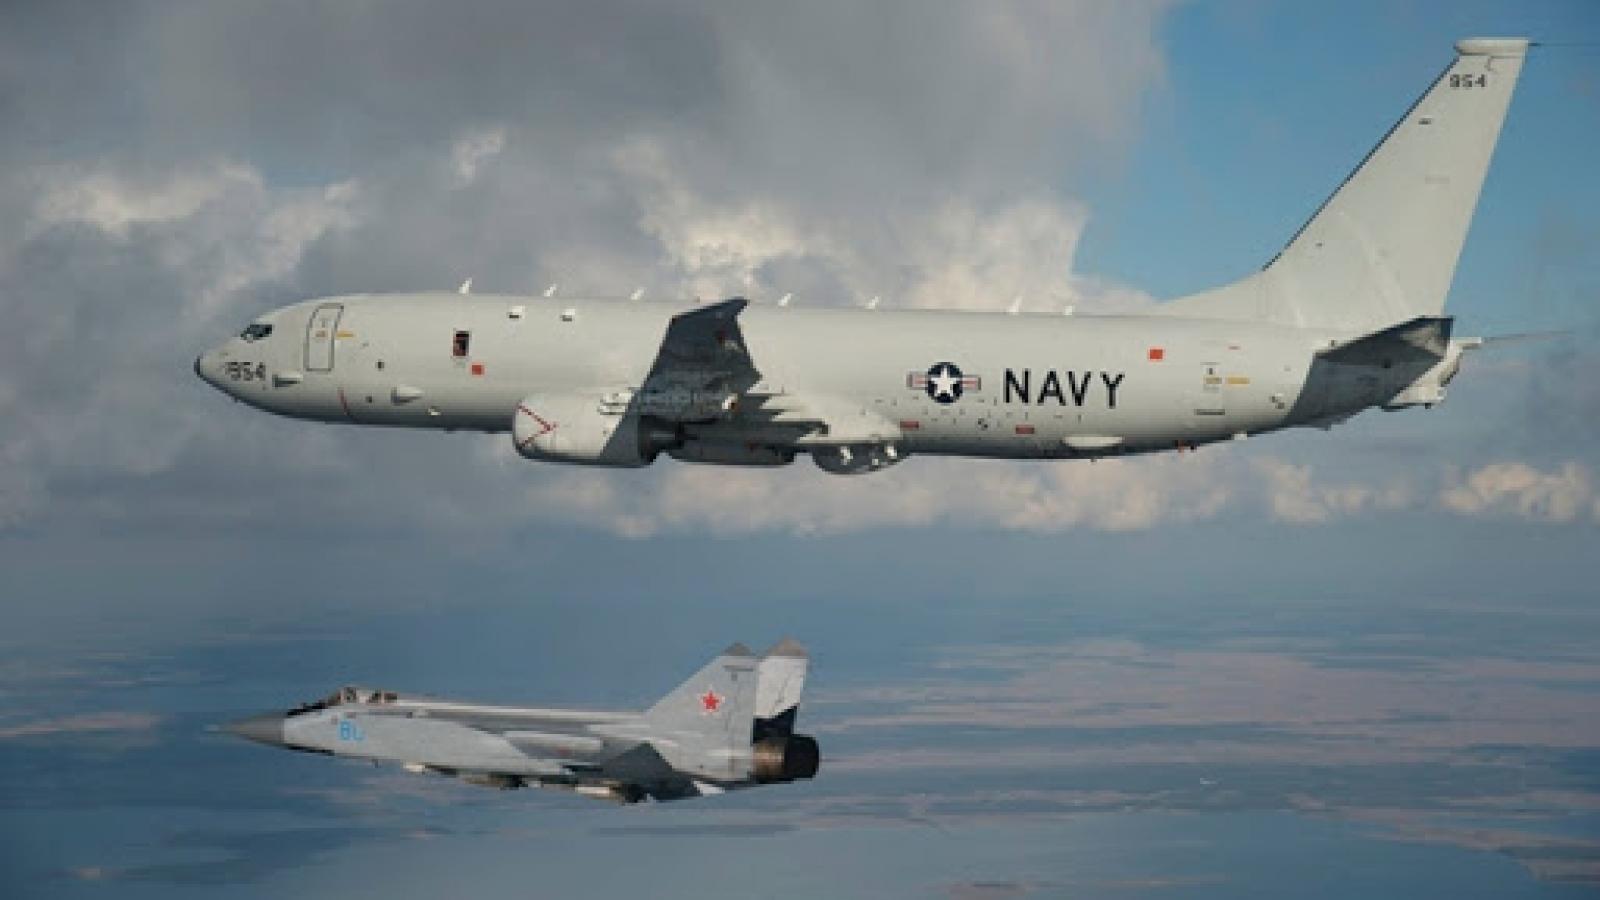 Tiêm kích MiG-31 của Nga chặn máy bay do thám Mỹ trên biển Bering